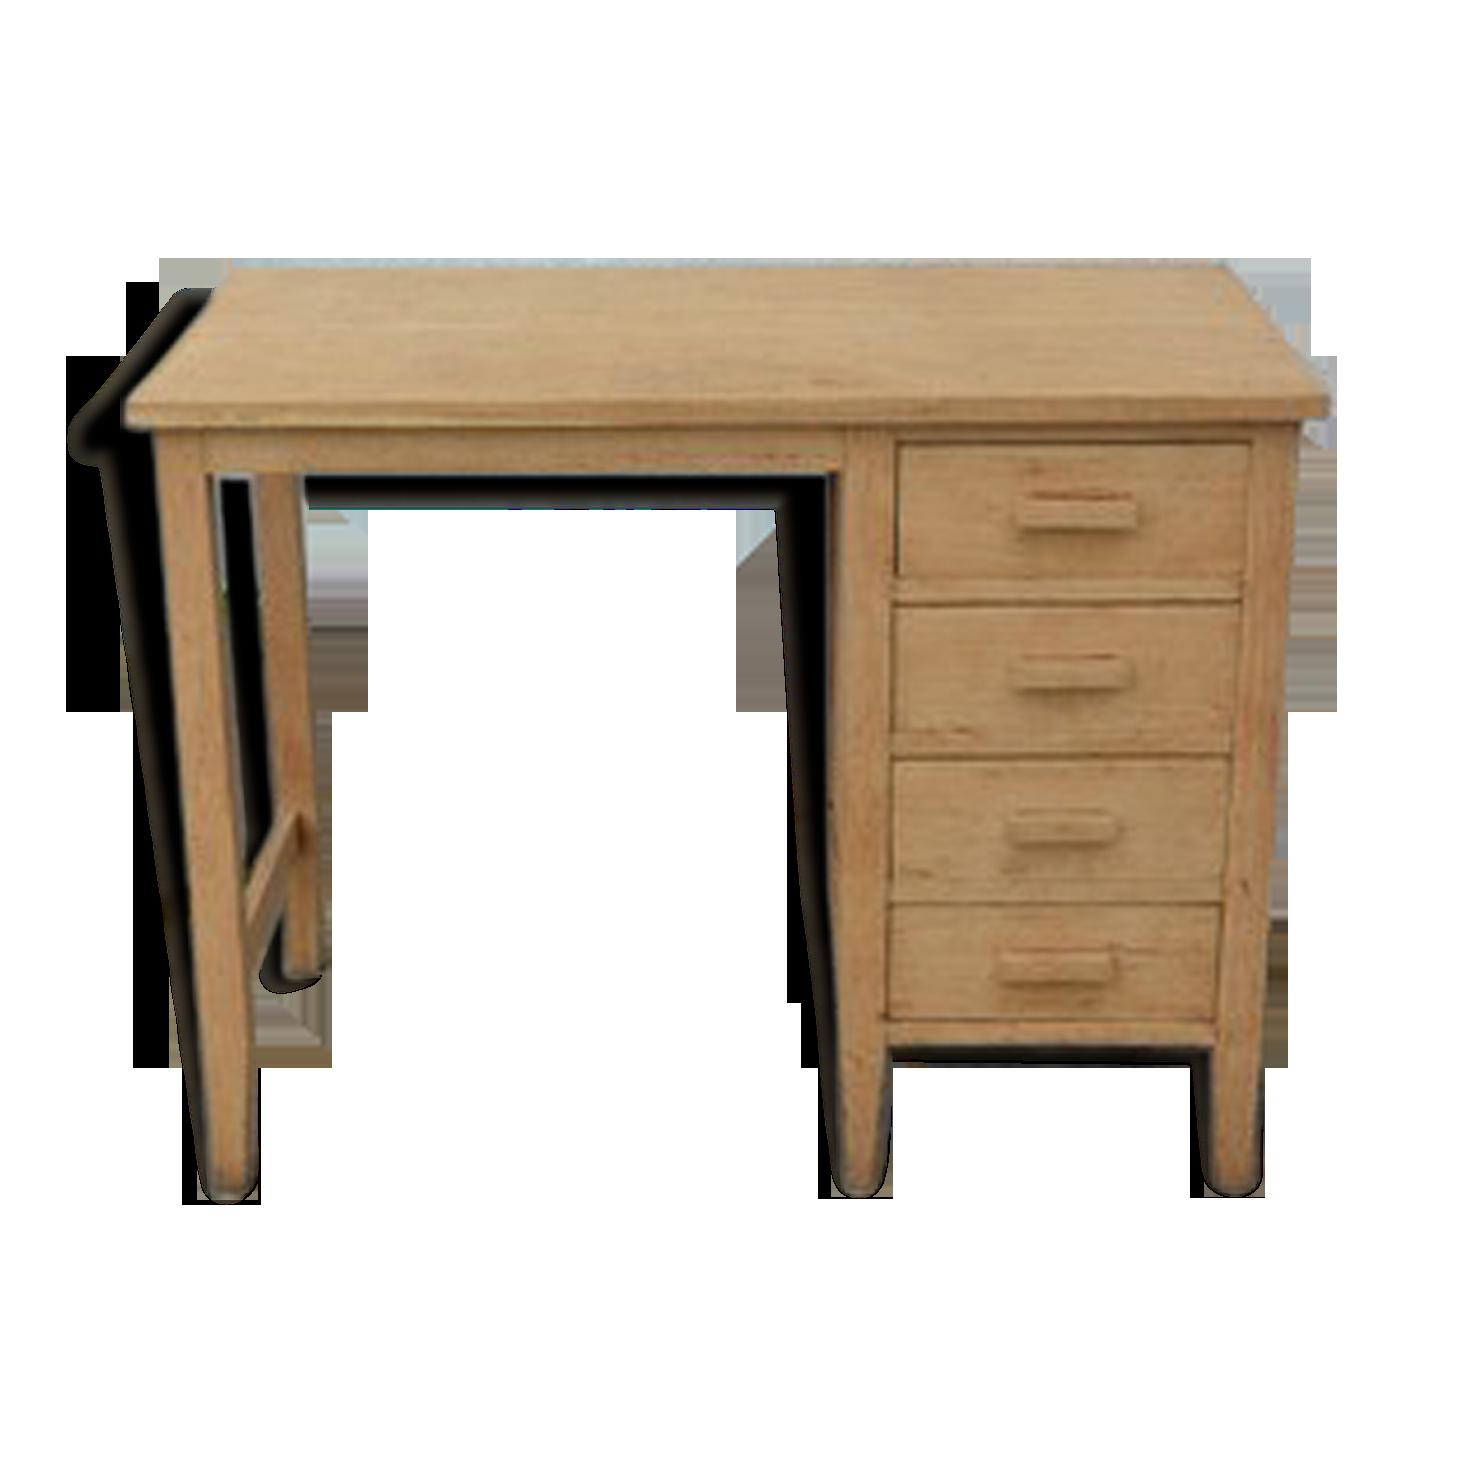 Bureau en bois naturel bois matériau bois couleur